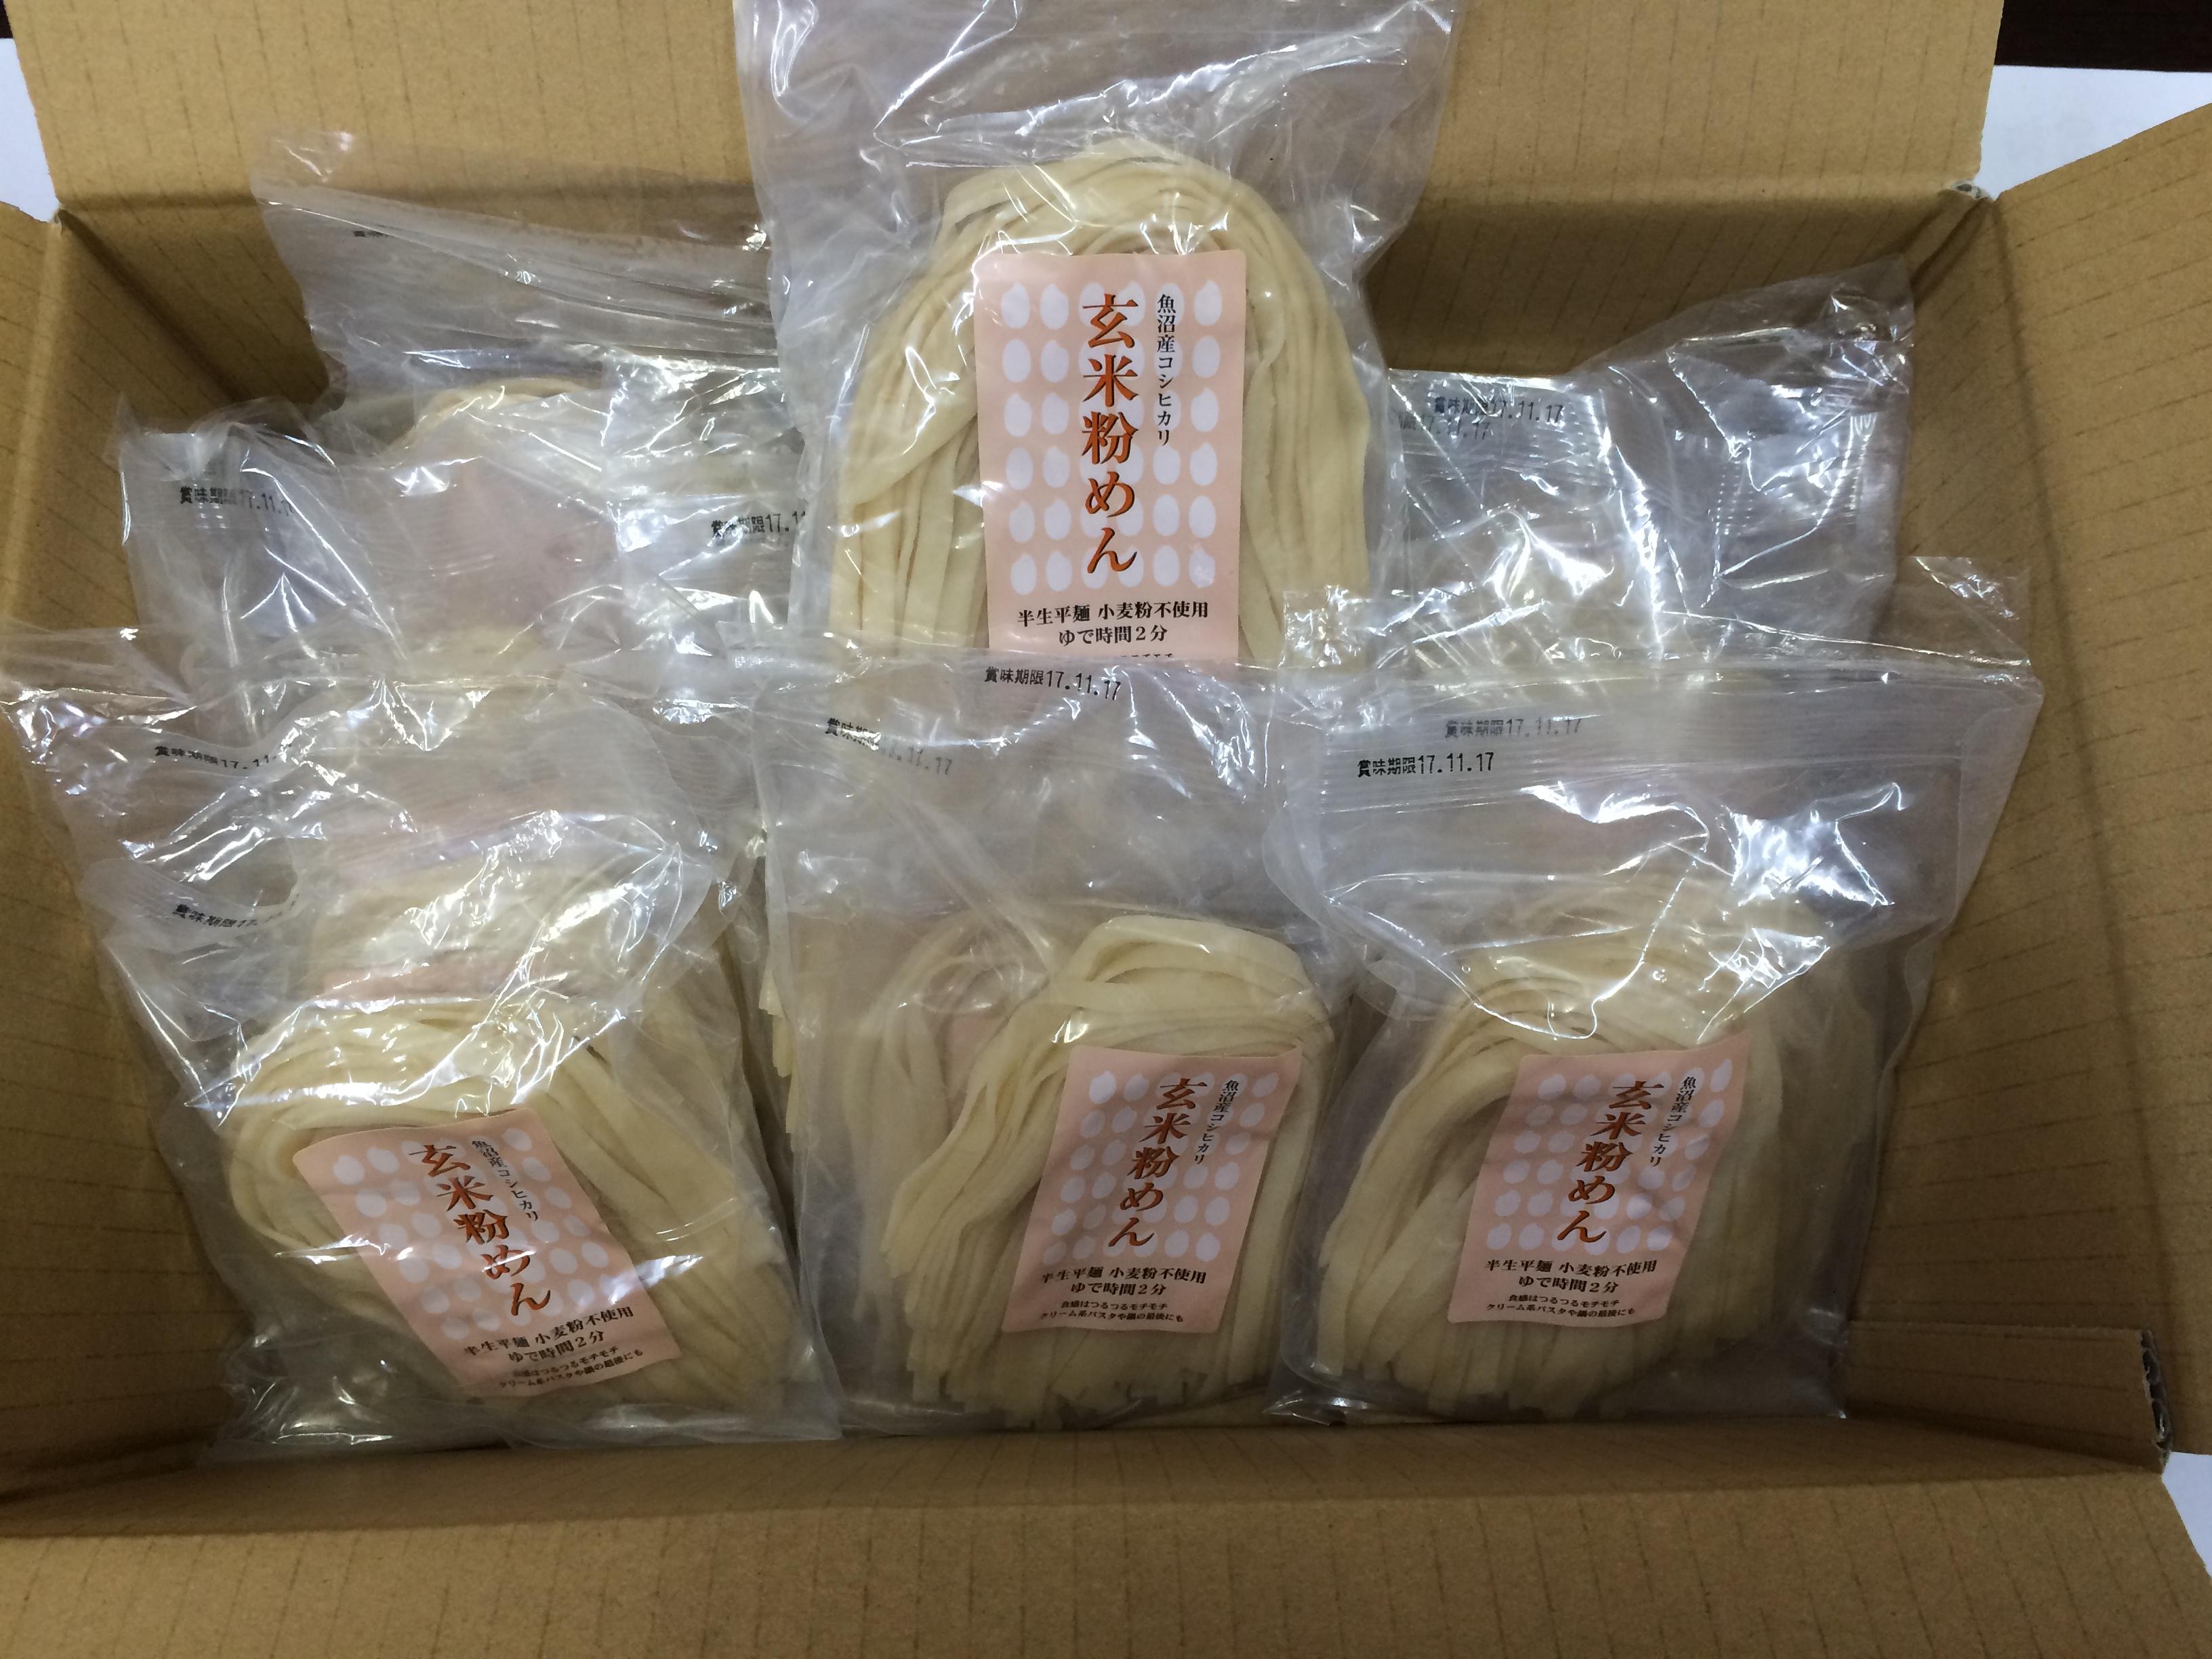 魚沼コシヒカリ使用玄米粉めん20袋セット